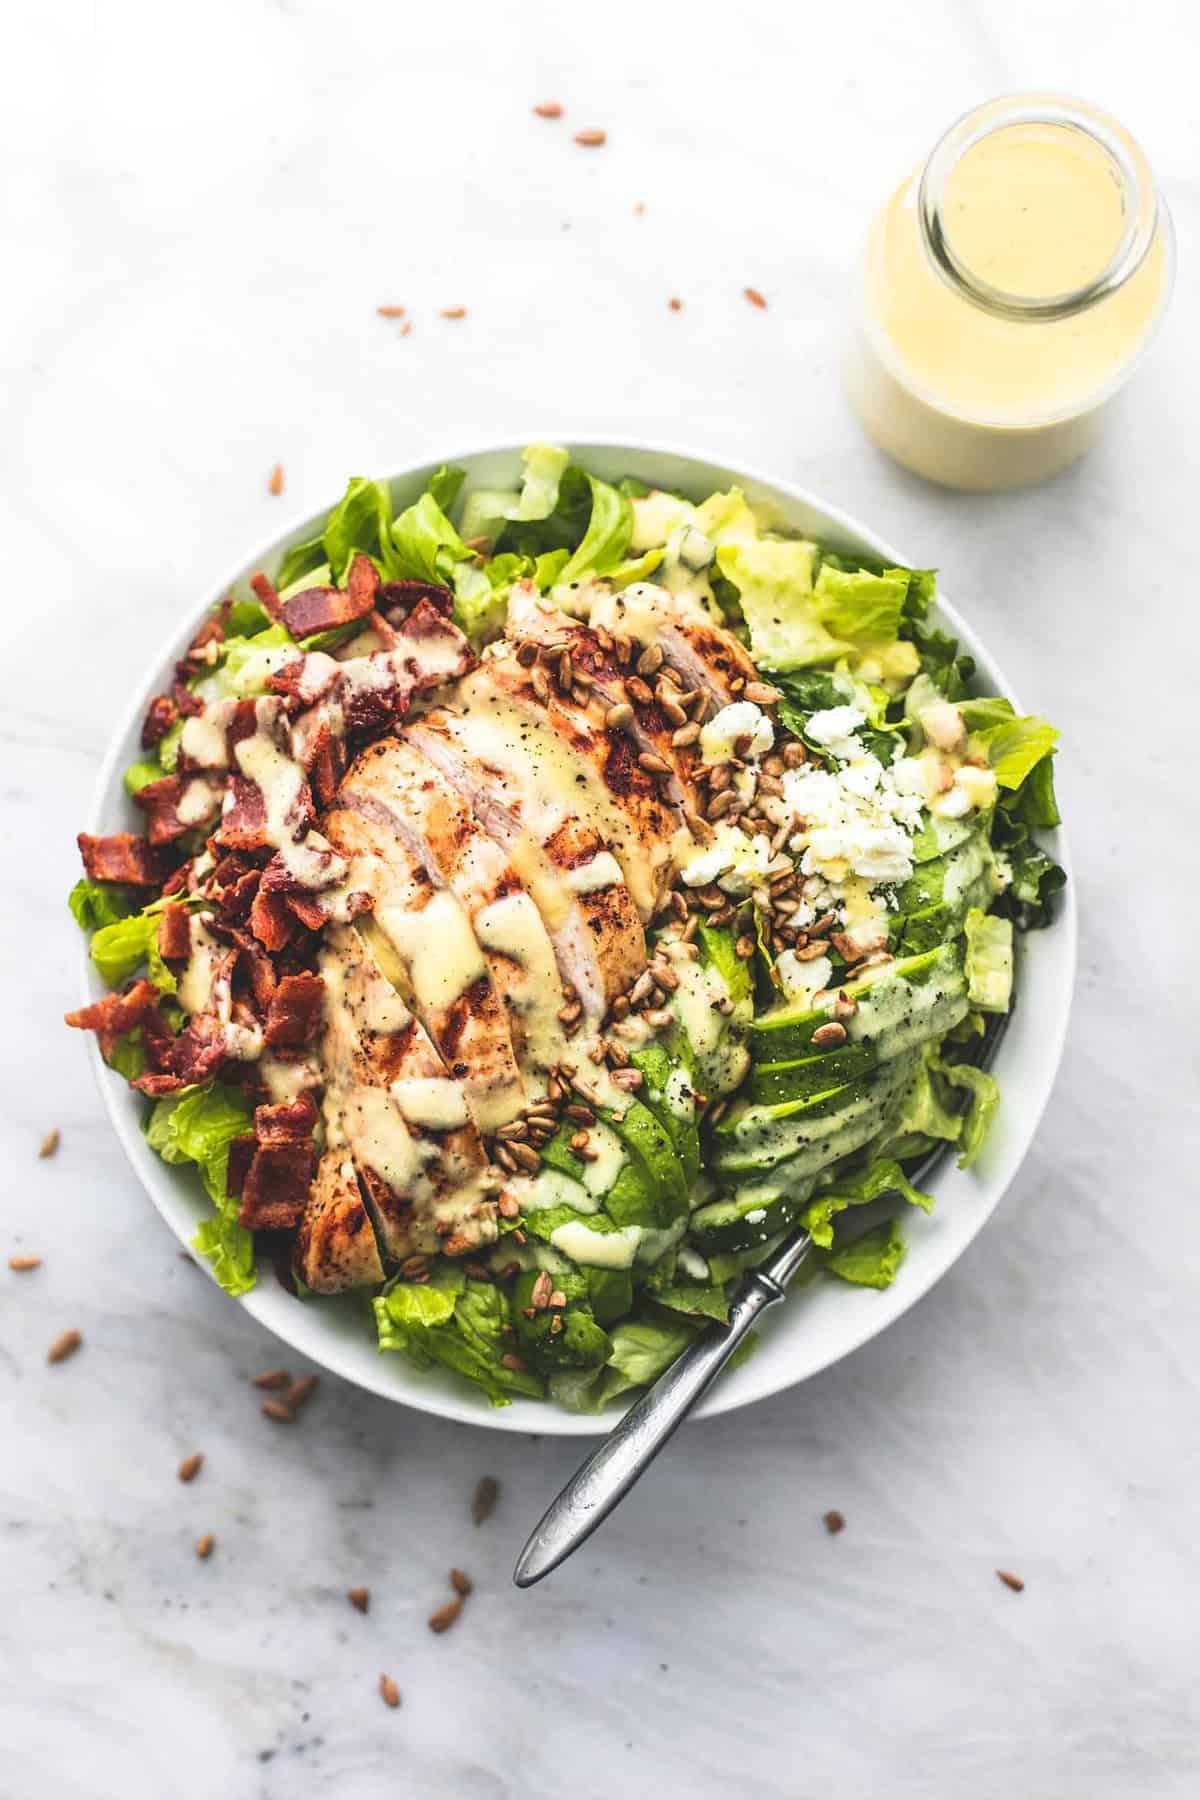 Chicken, Bacon and Avocado Salad with Sweet Vidalia Onion Dressing easy salad recipe | lecremedelacrumb.com